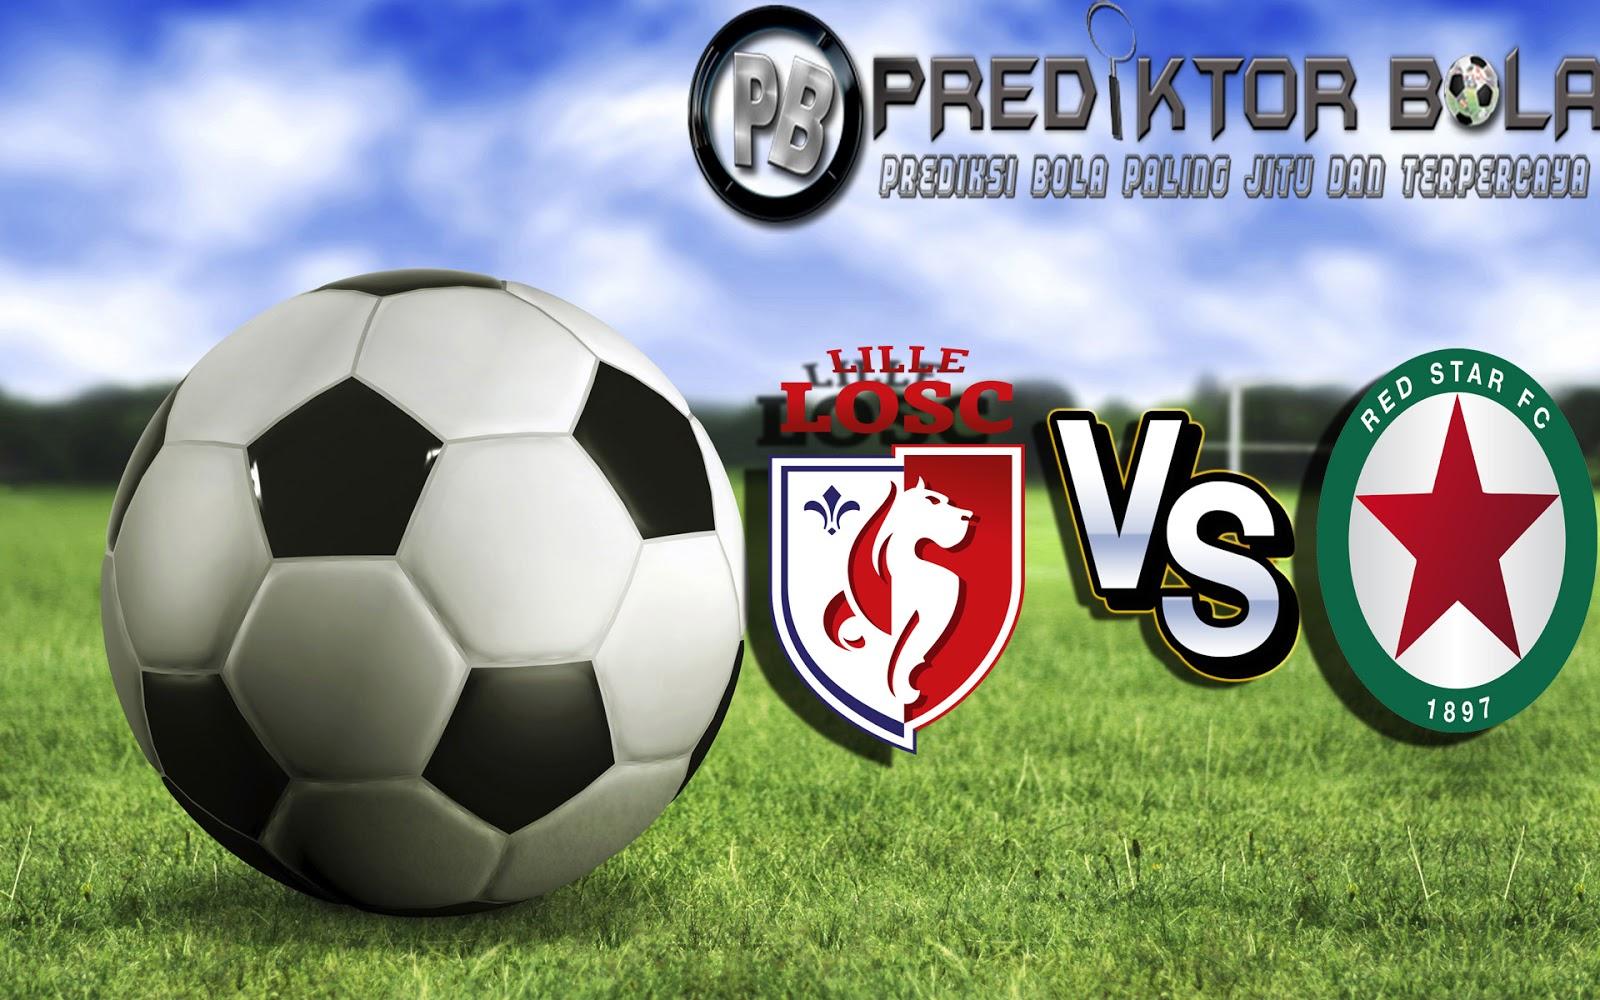 Prediksi Lille vs Red Star 12 Juli 2016